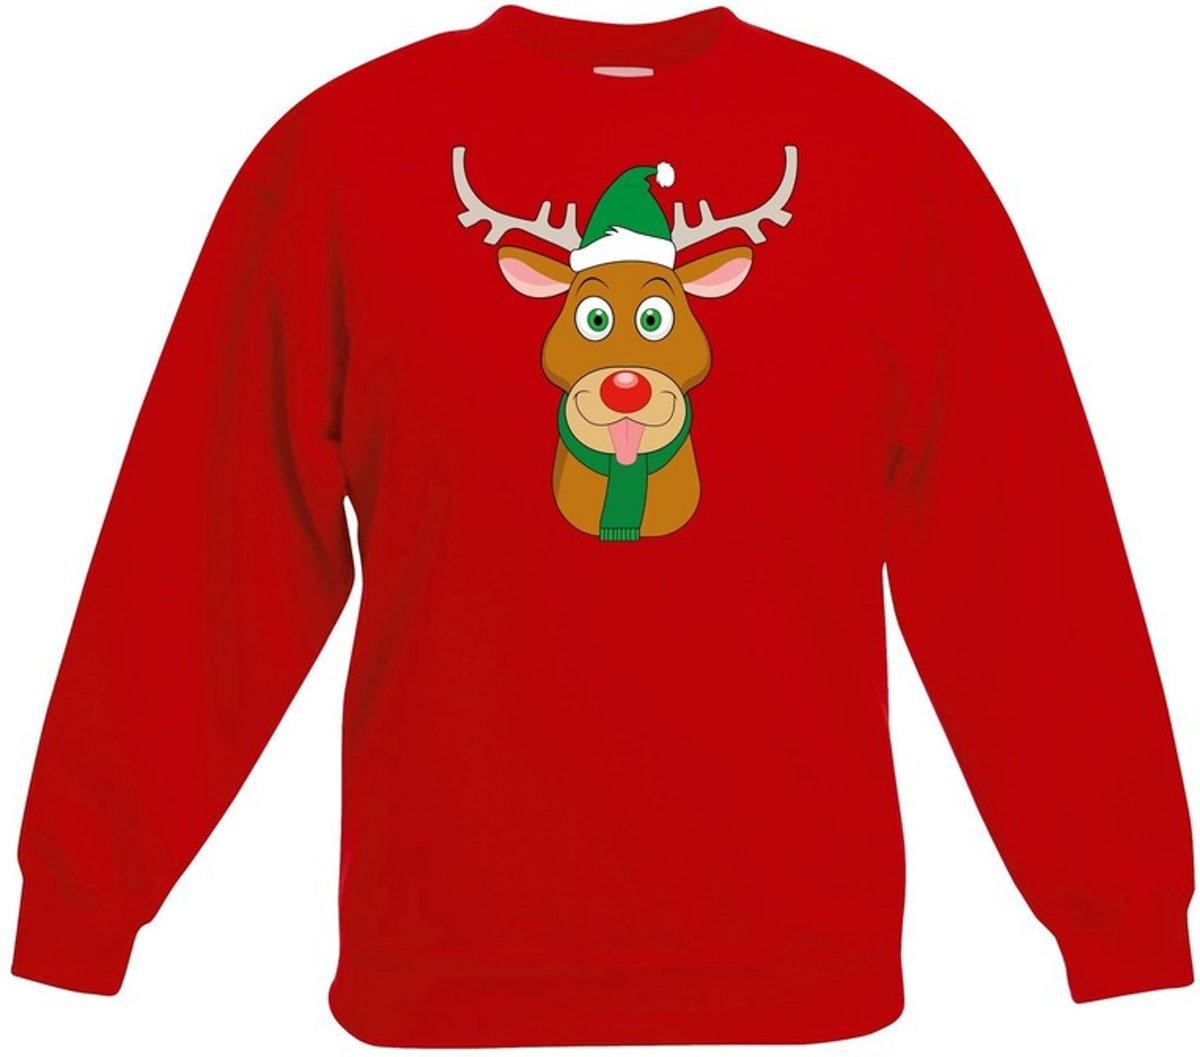 Rode kersttrui rendier Rudolf met groene kerstmuts voor jongens en meisjes - Kerstruien kind 14-15 jaar (170/176) kopen